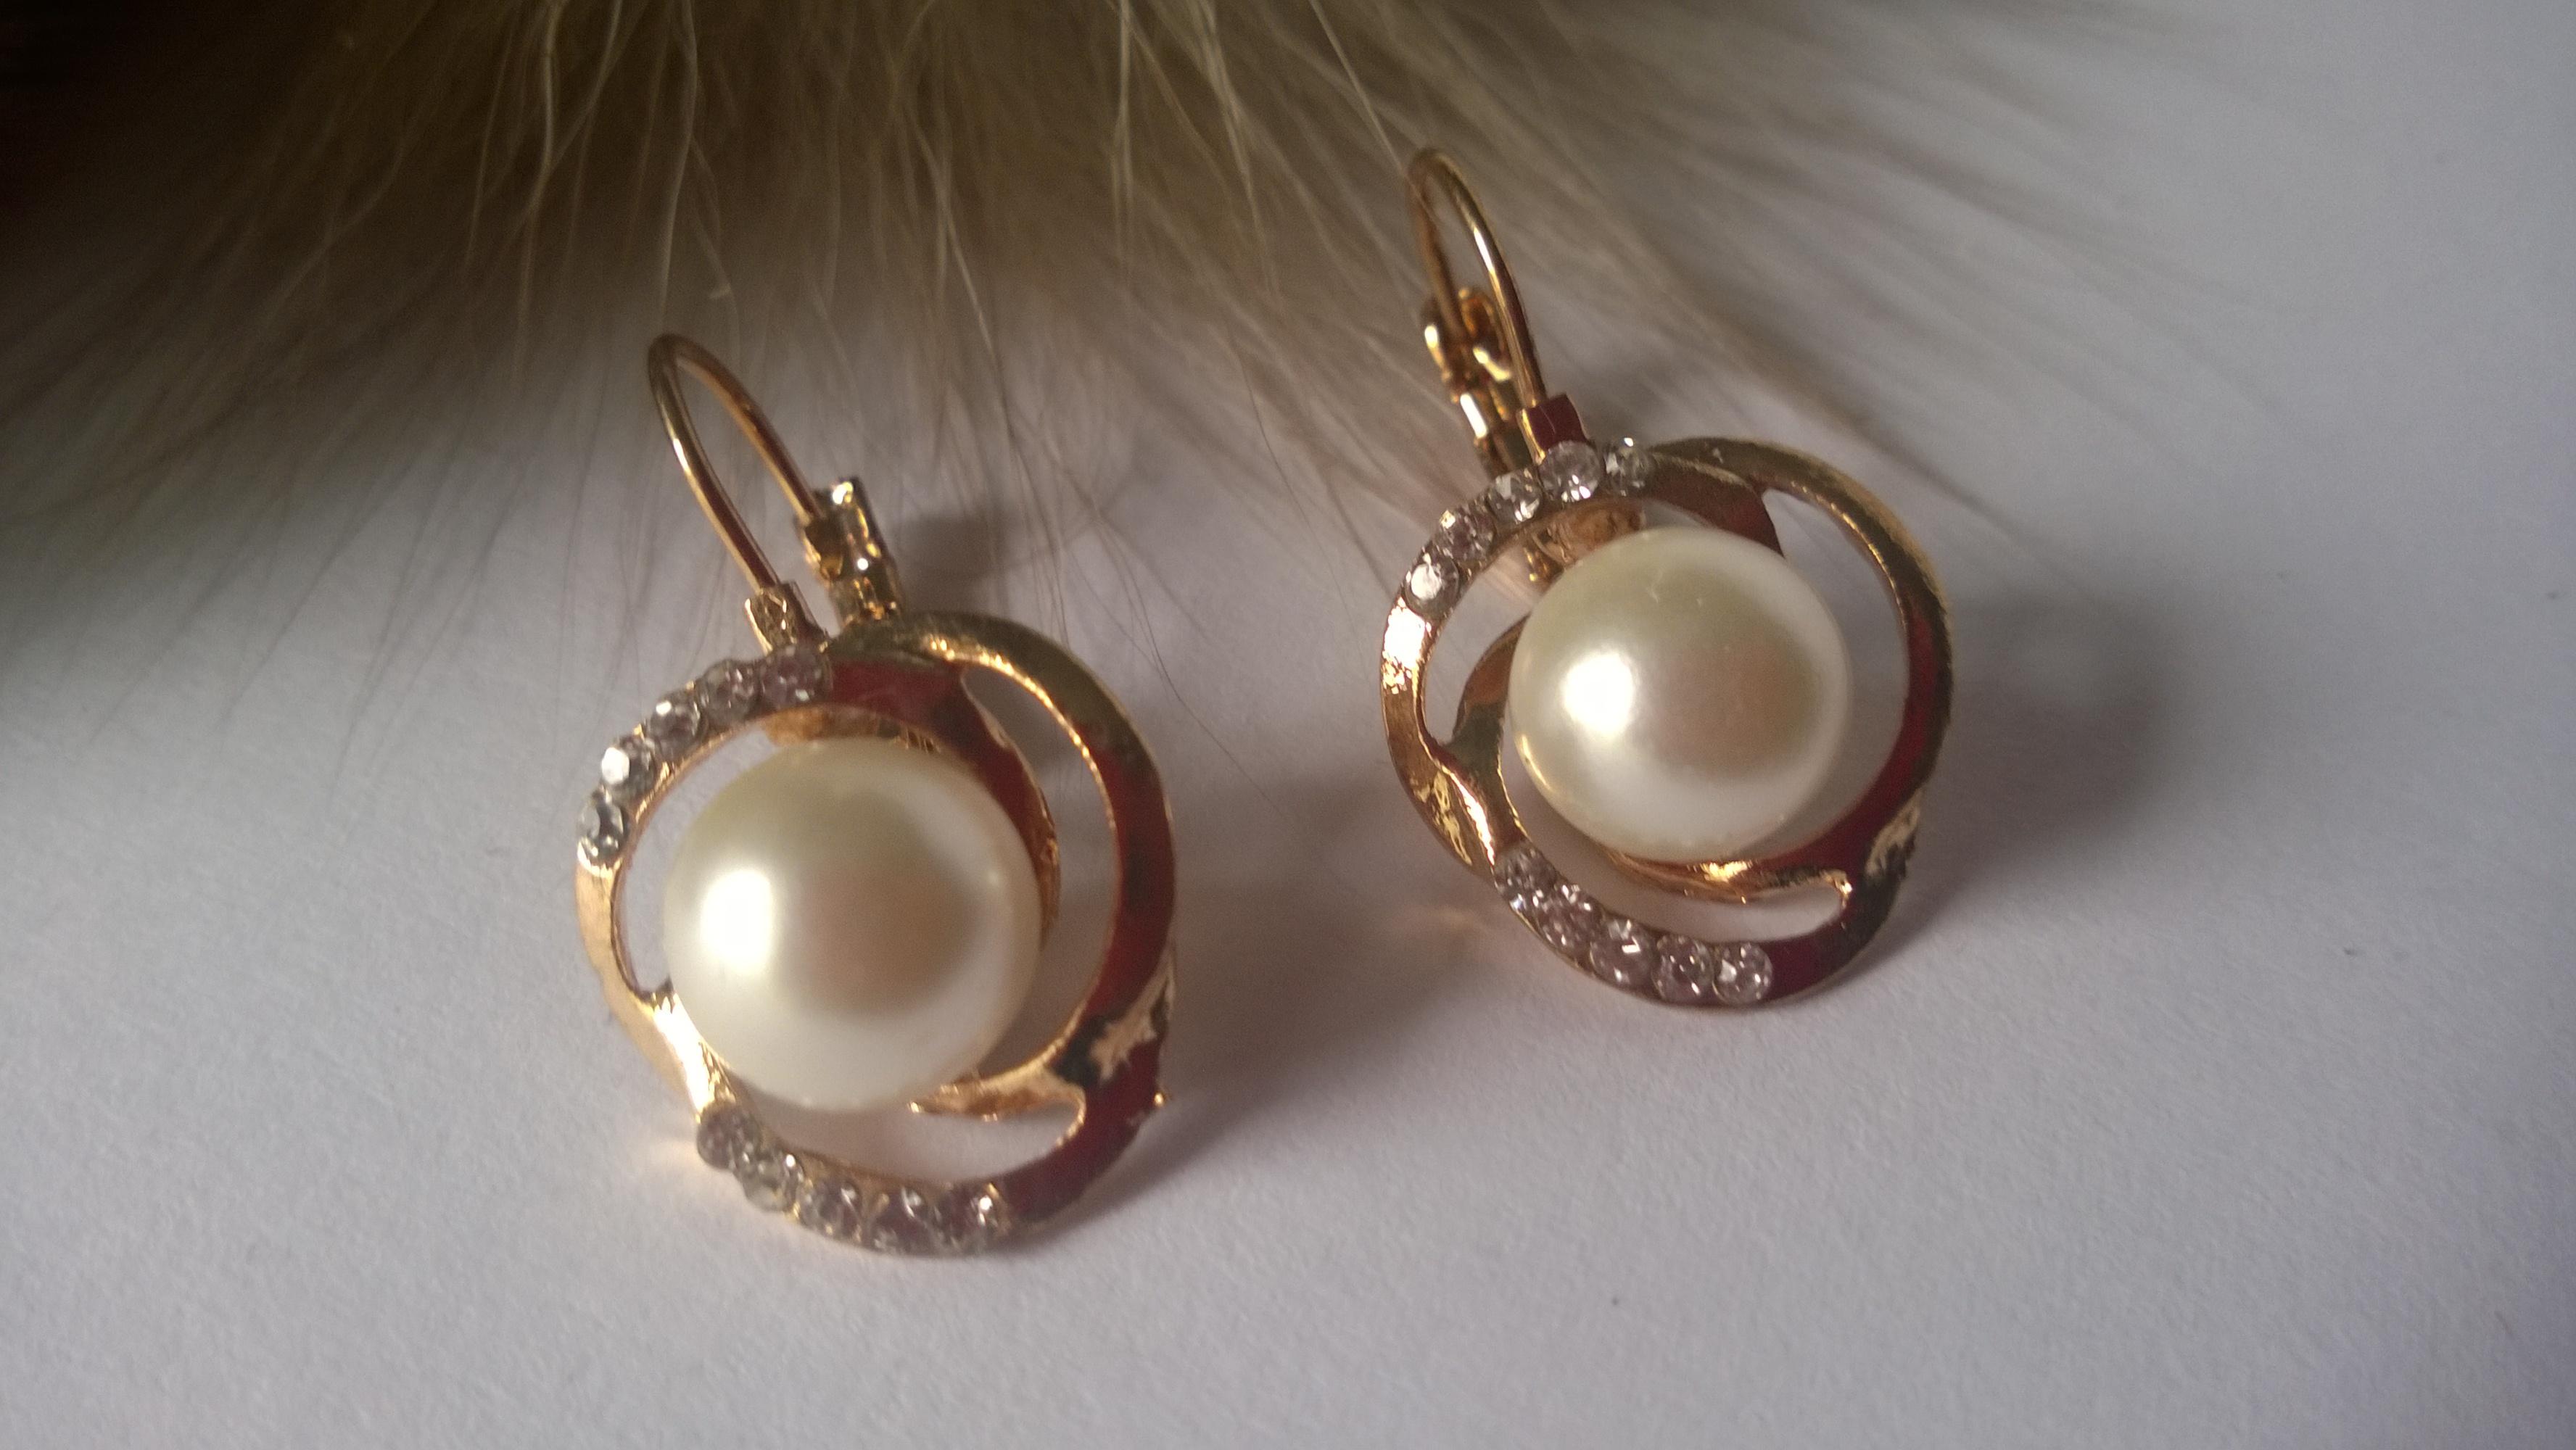 Дамски обеци от естествени перли от о-в Майорка